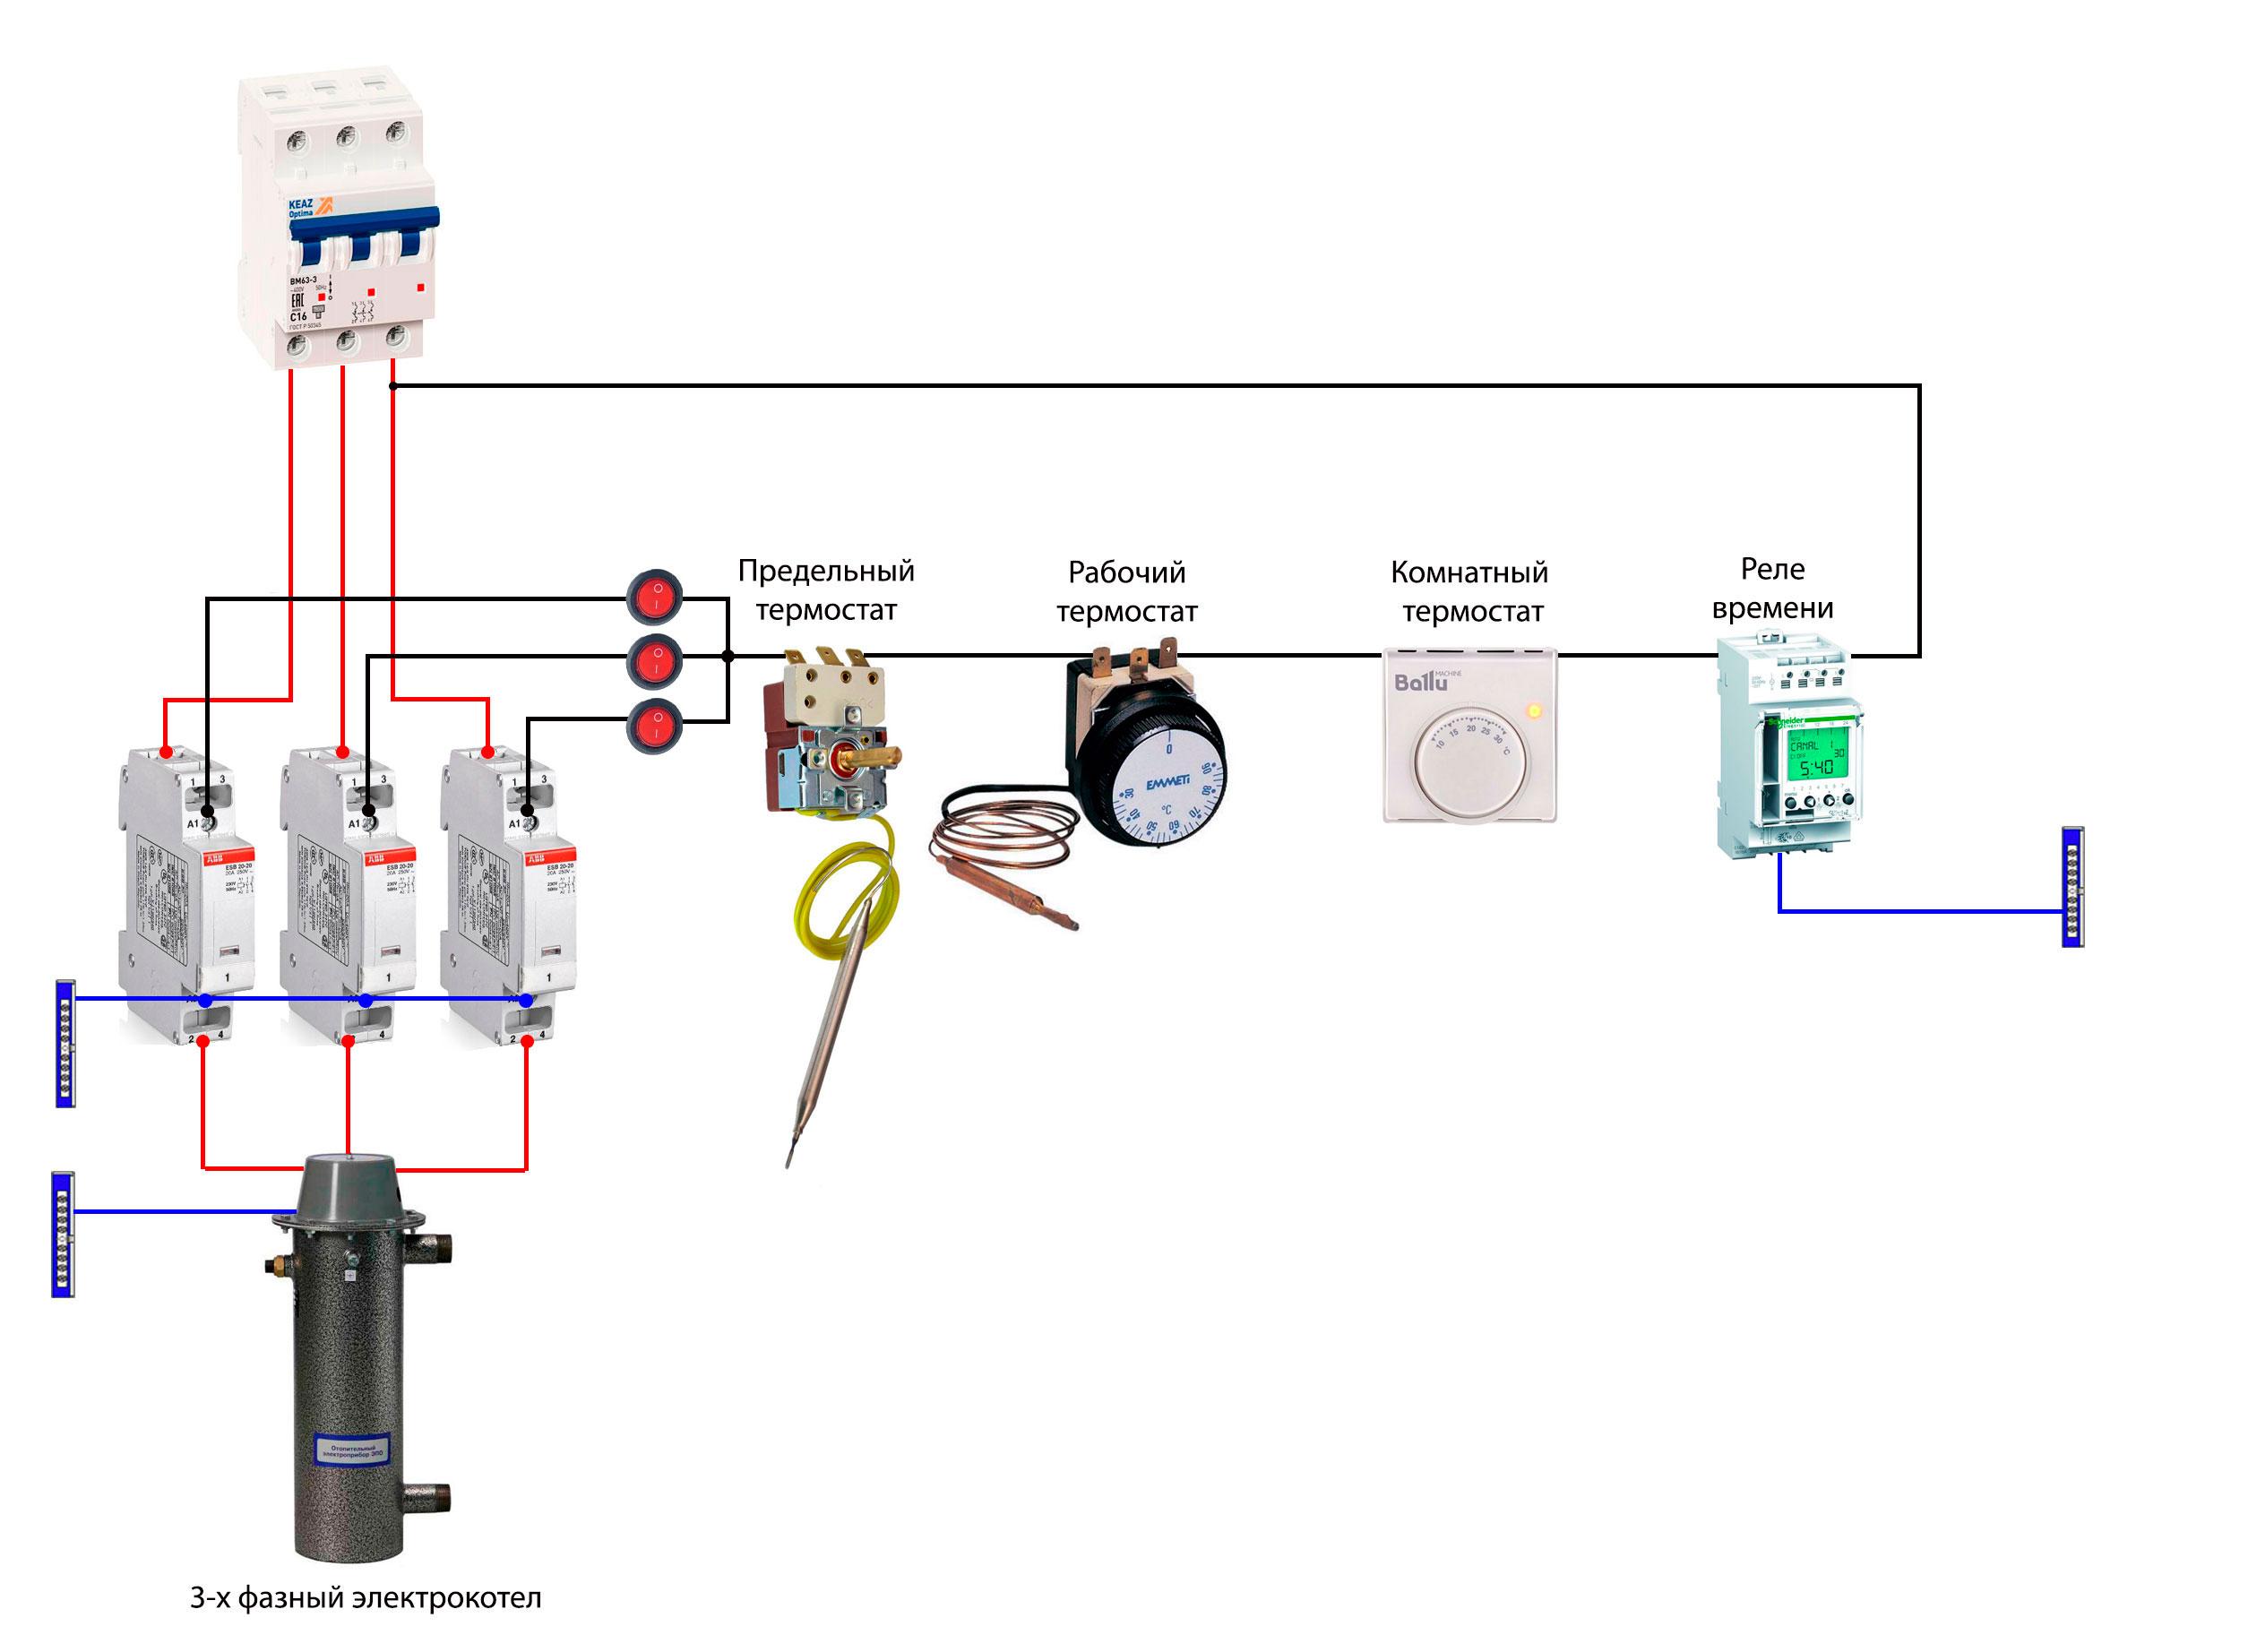 Электрокотел своими руками - основные этапы изготовления